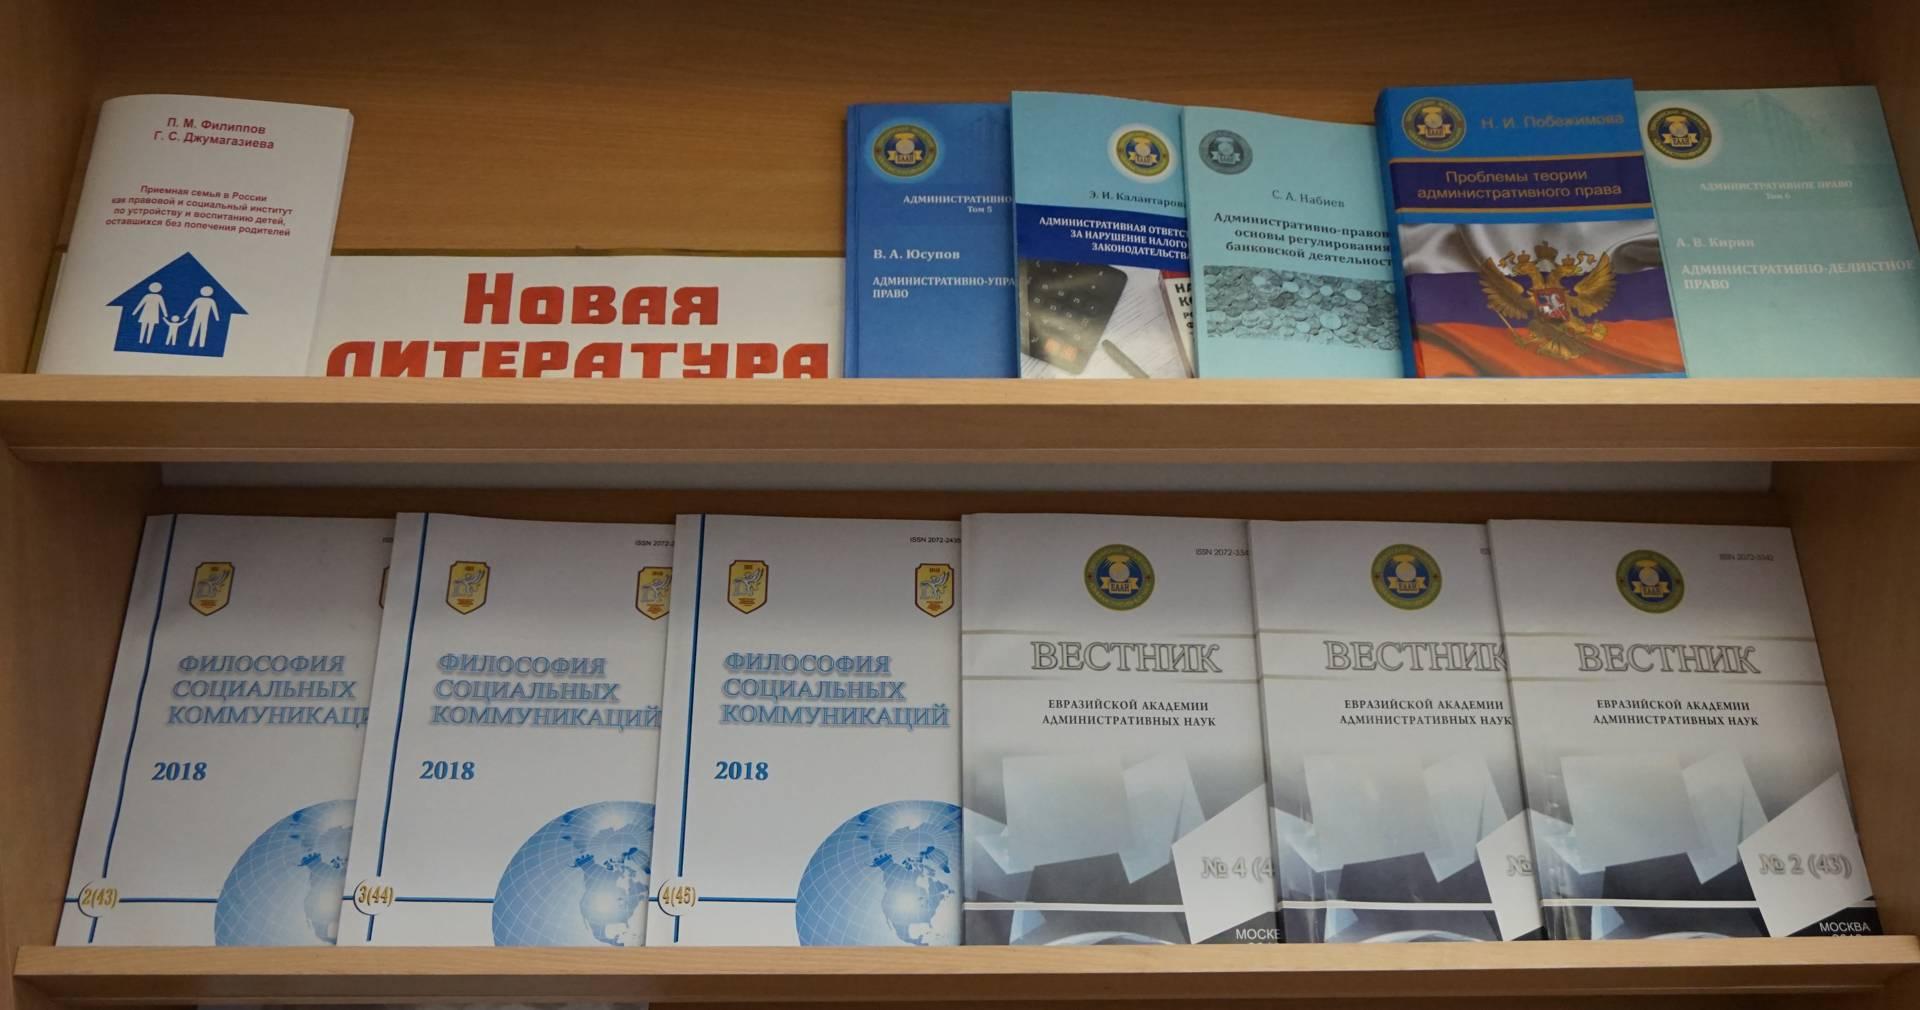 Издательство ВИЭСП в Волгограде: издать книгу, монографию, опубликовать статью ВАК